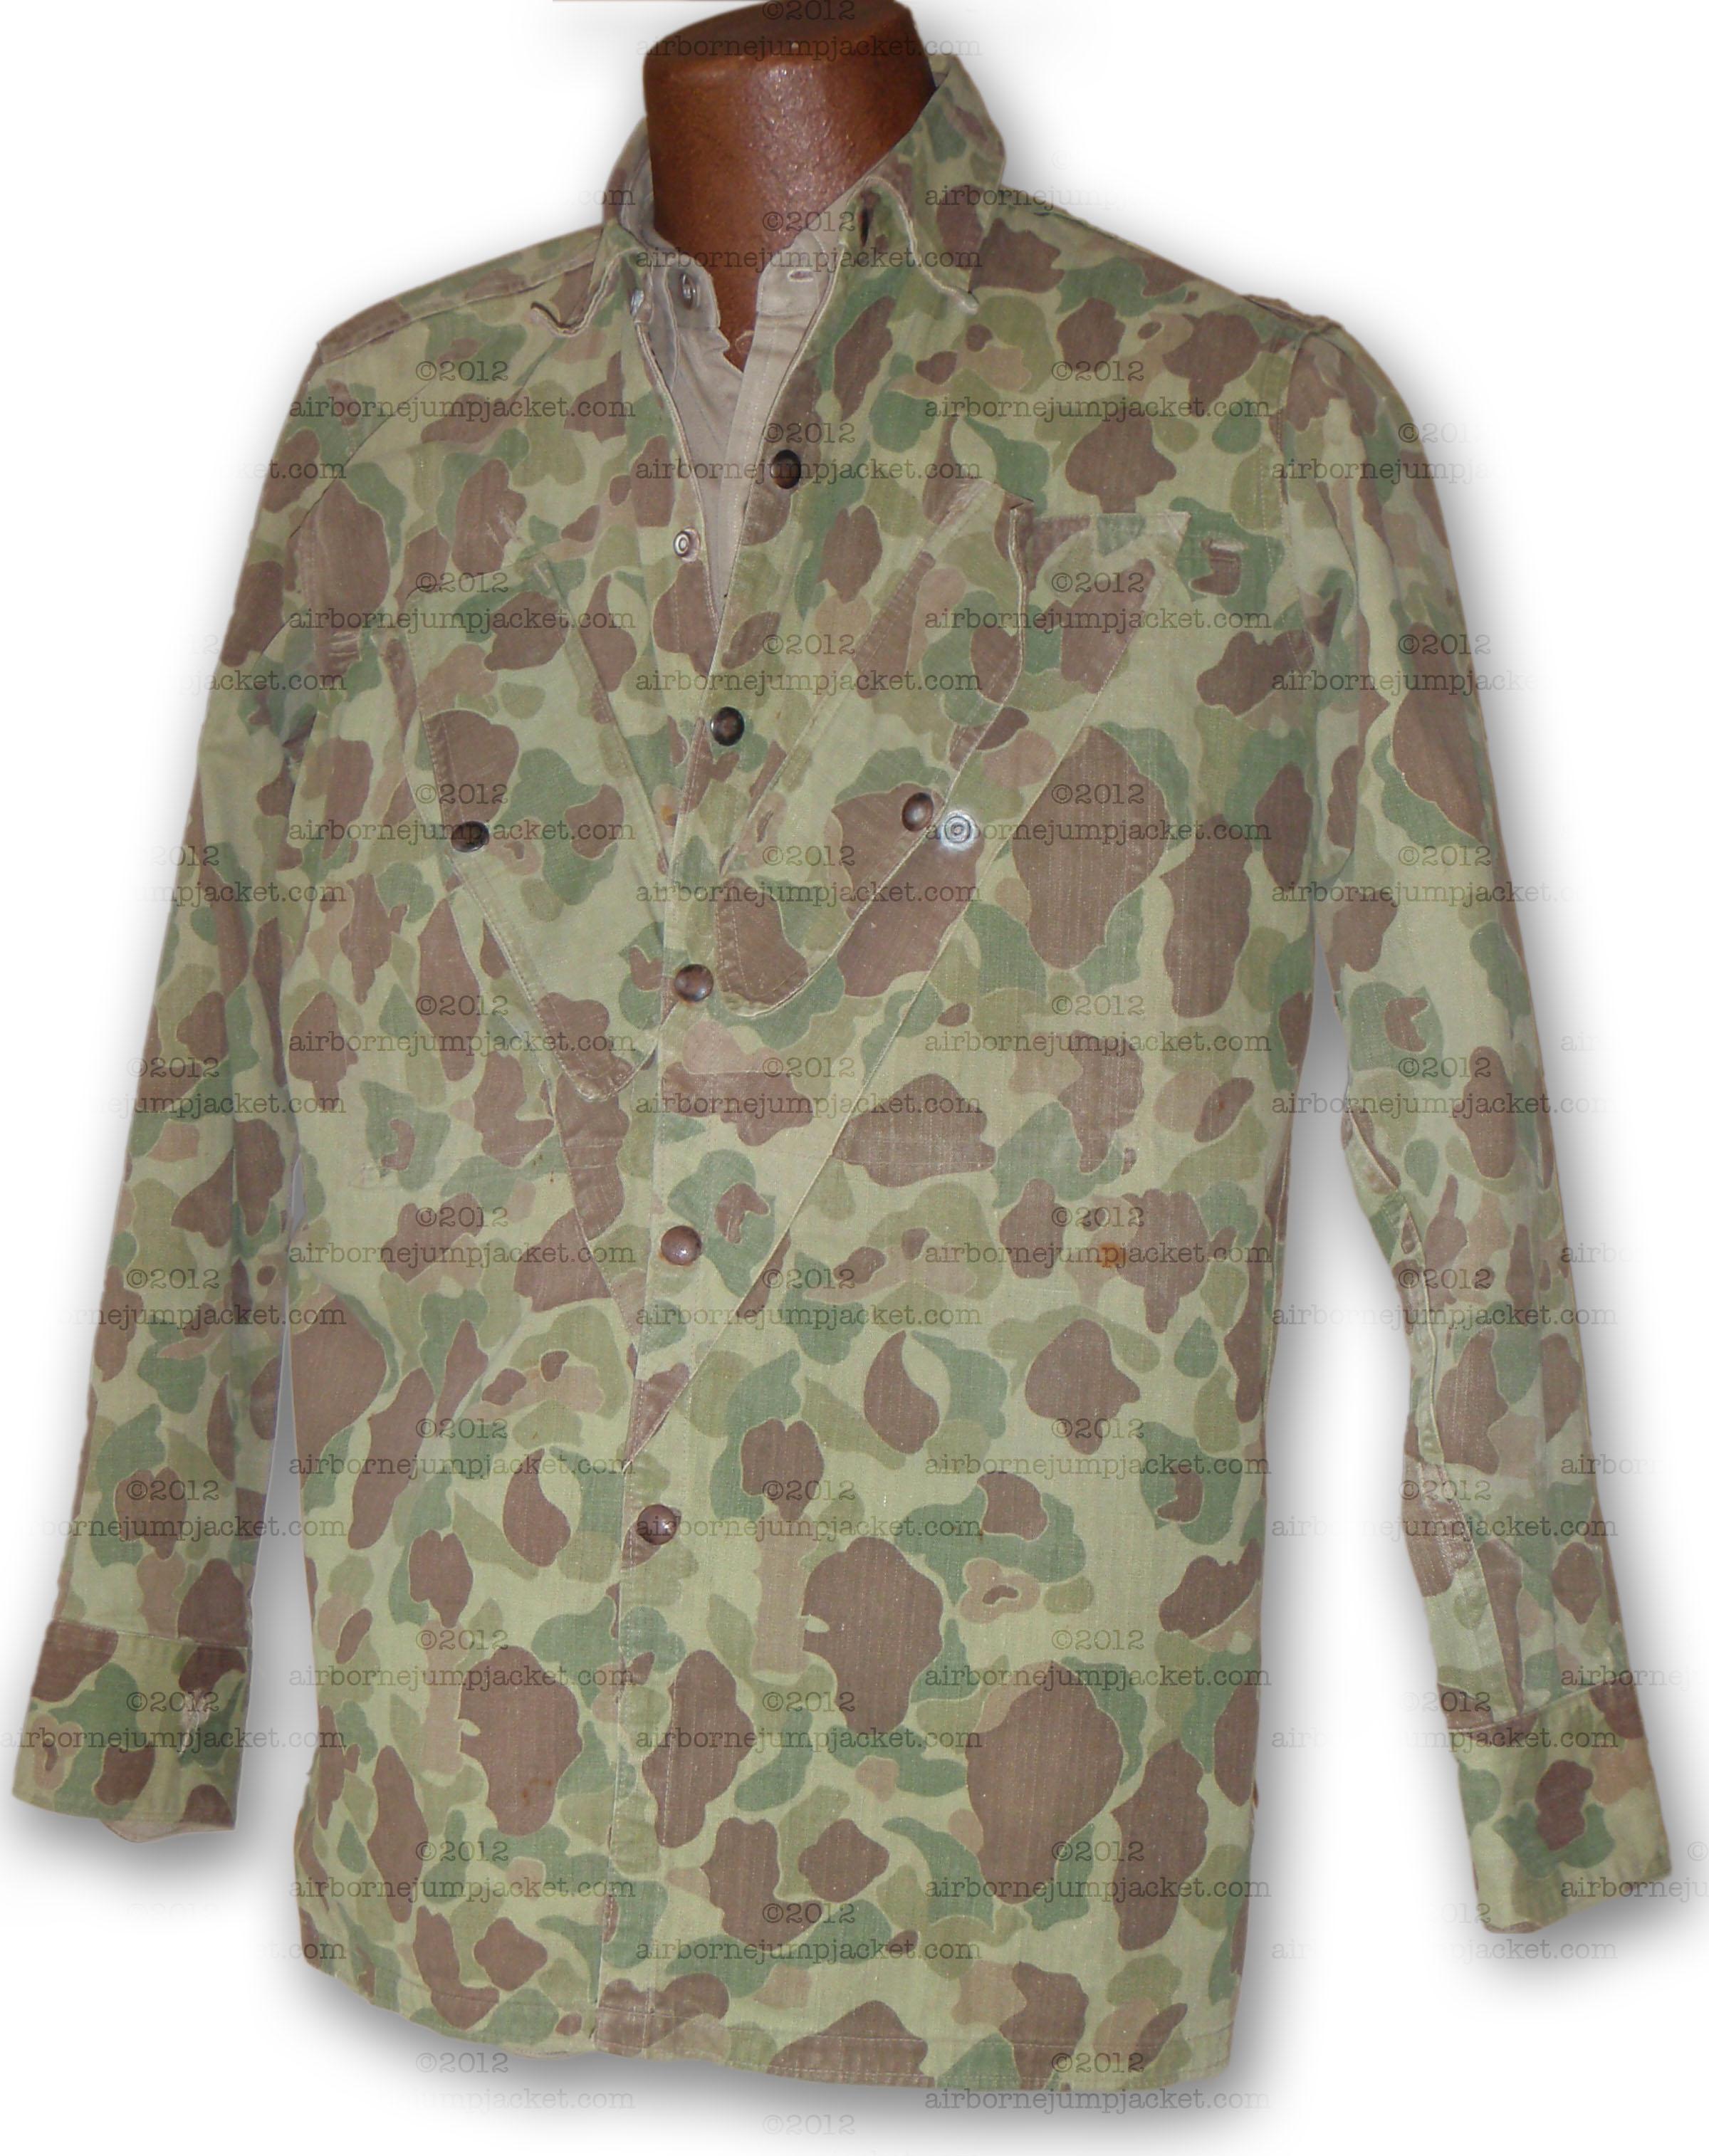 WWII USMC Paramarine Camouflage Uniform Shirt ...   2400 x 3028 jpeg 698kB